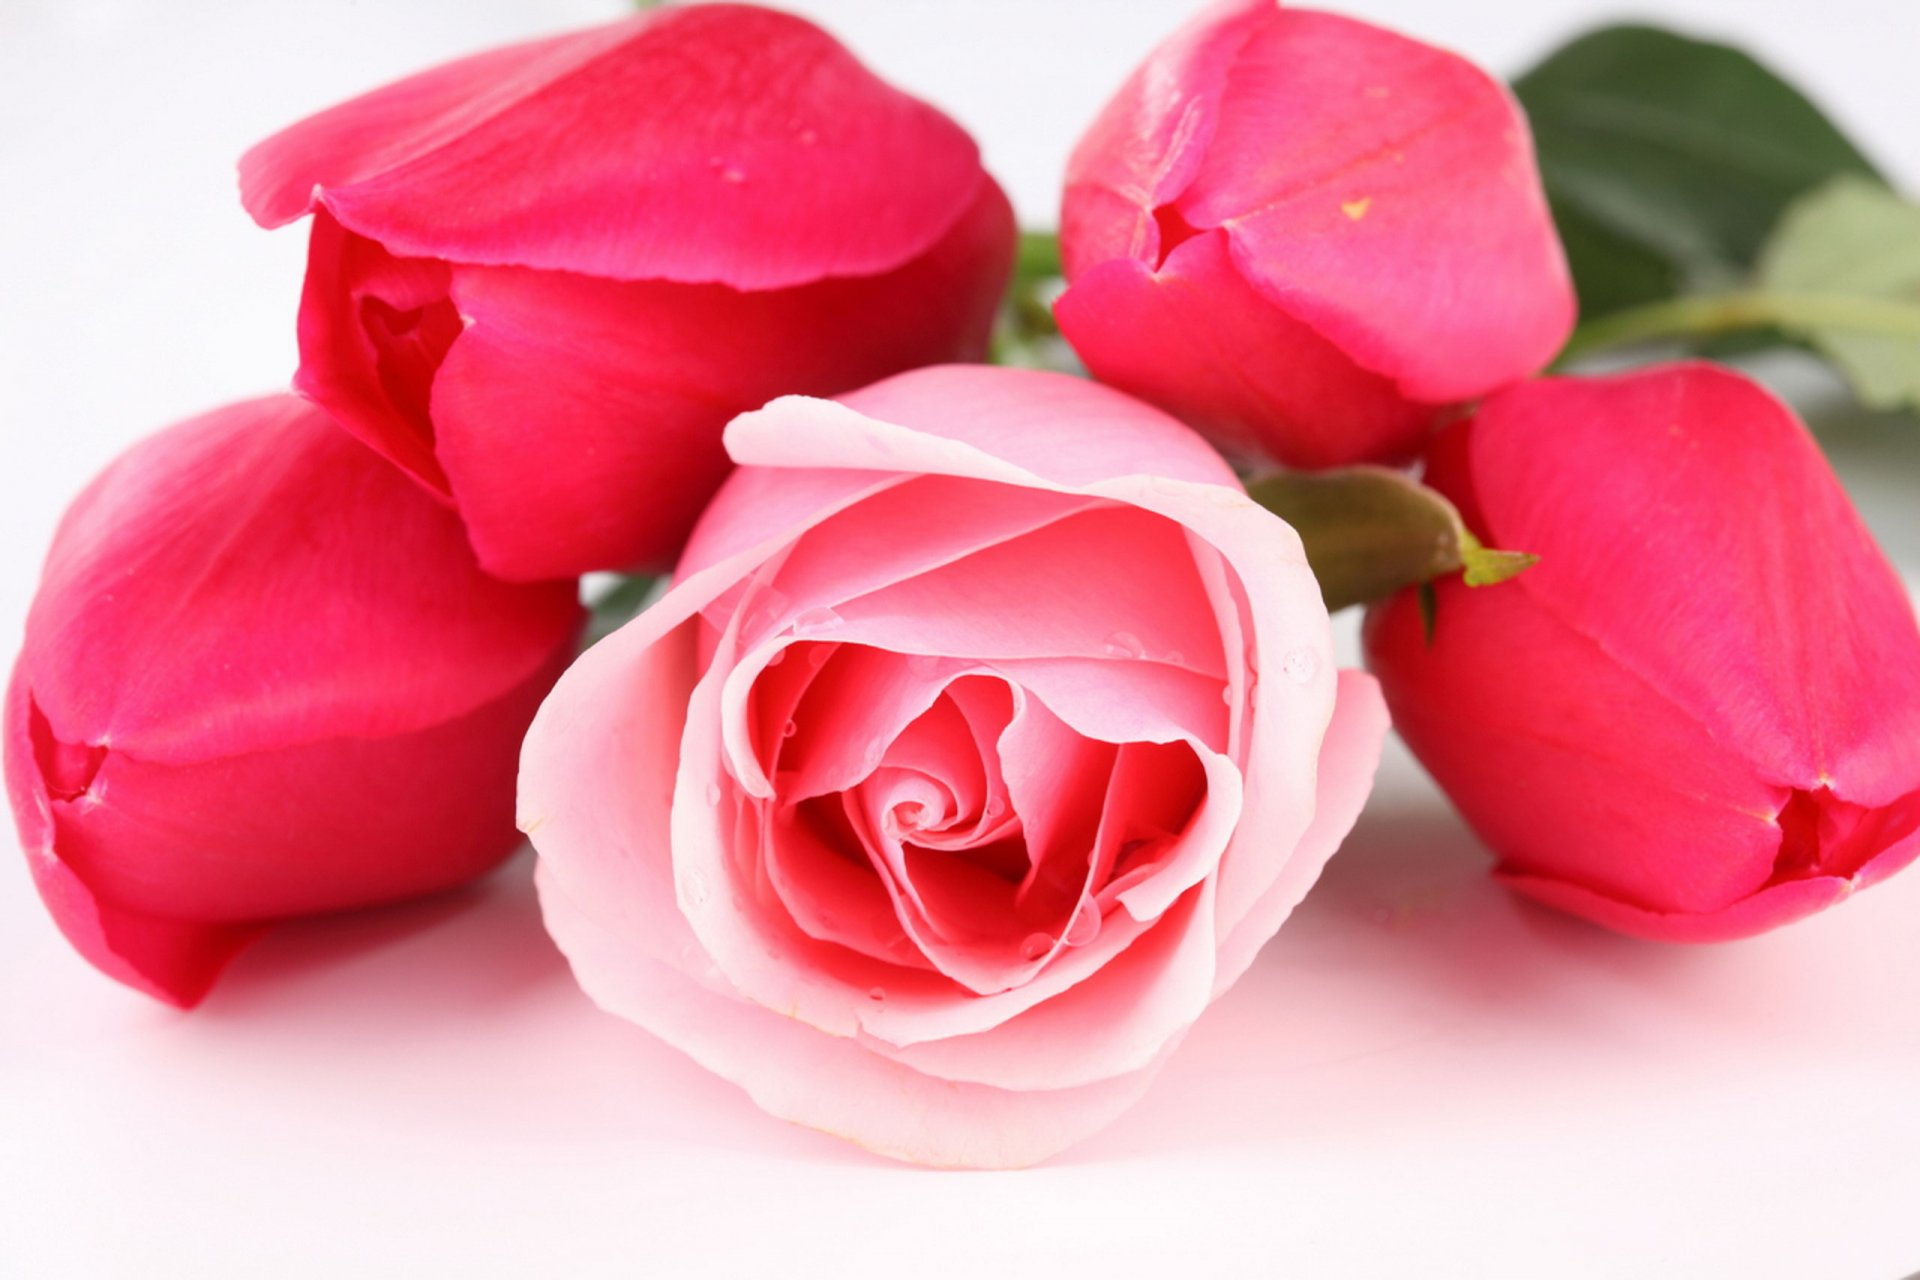 Цветы для любимой девушки картинки самые, майл